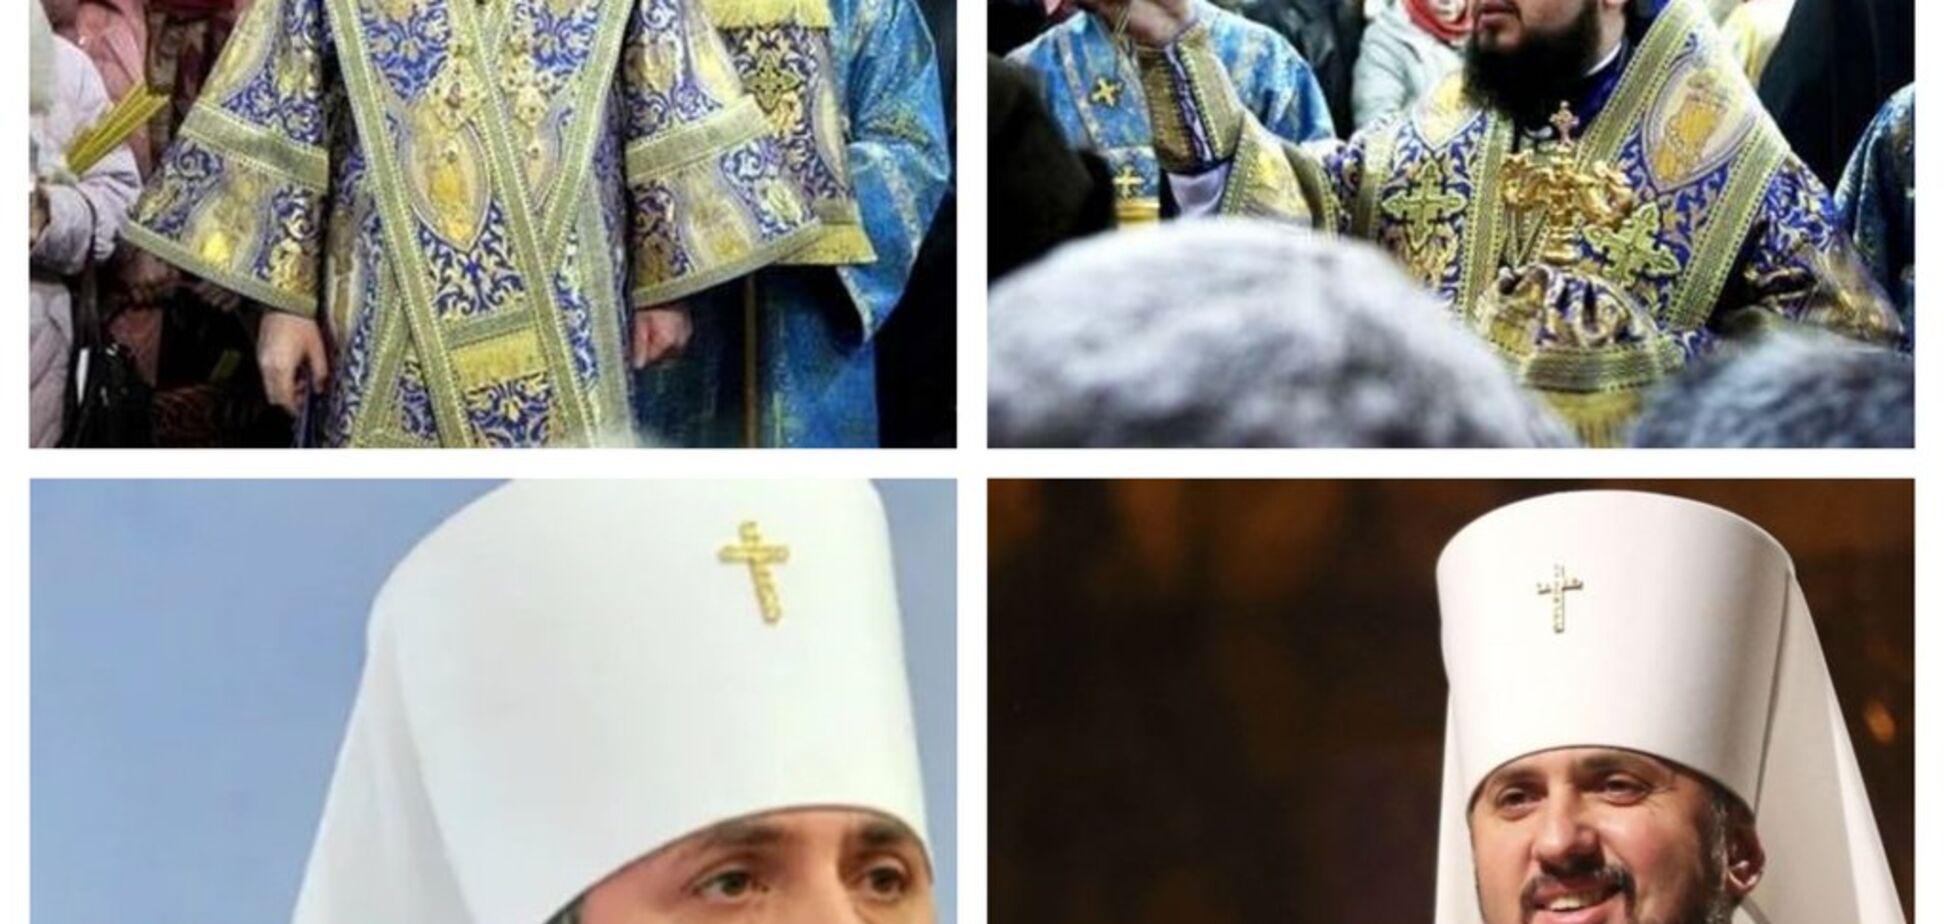 Об'єднавчий Собор обрав главу єдиної церкви в Україні: як це було